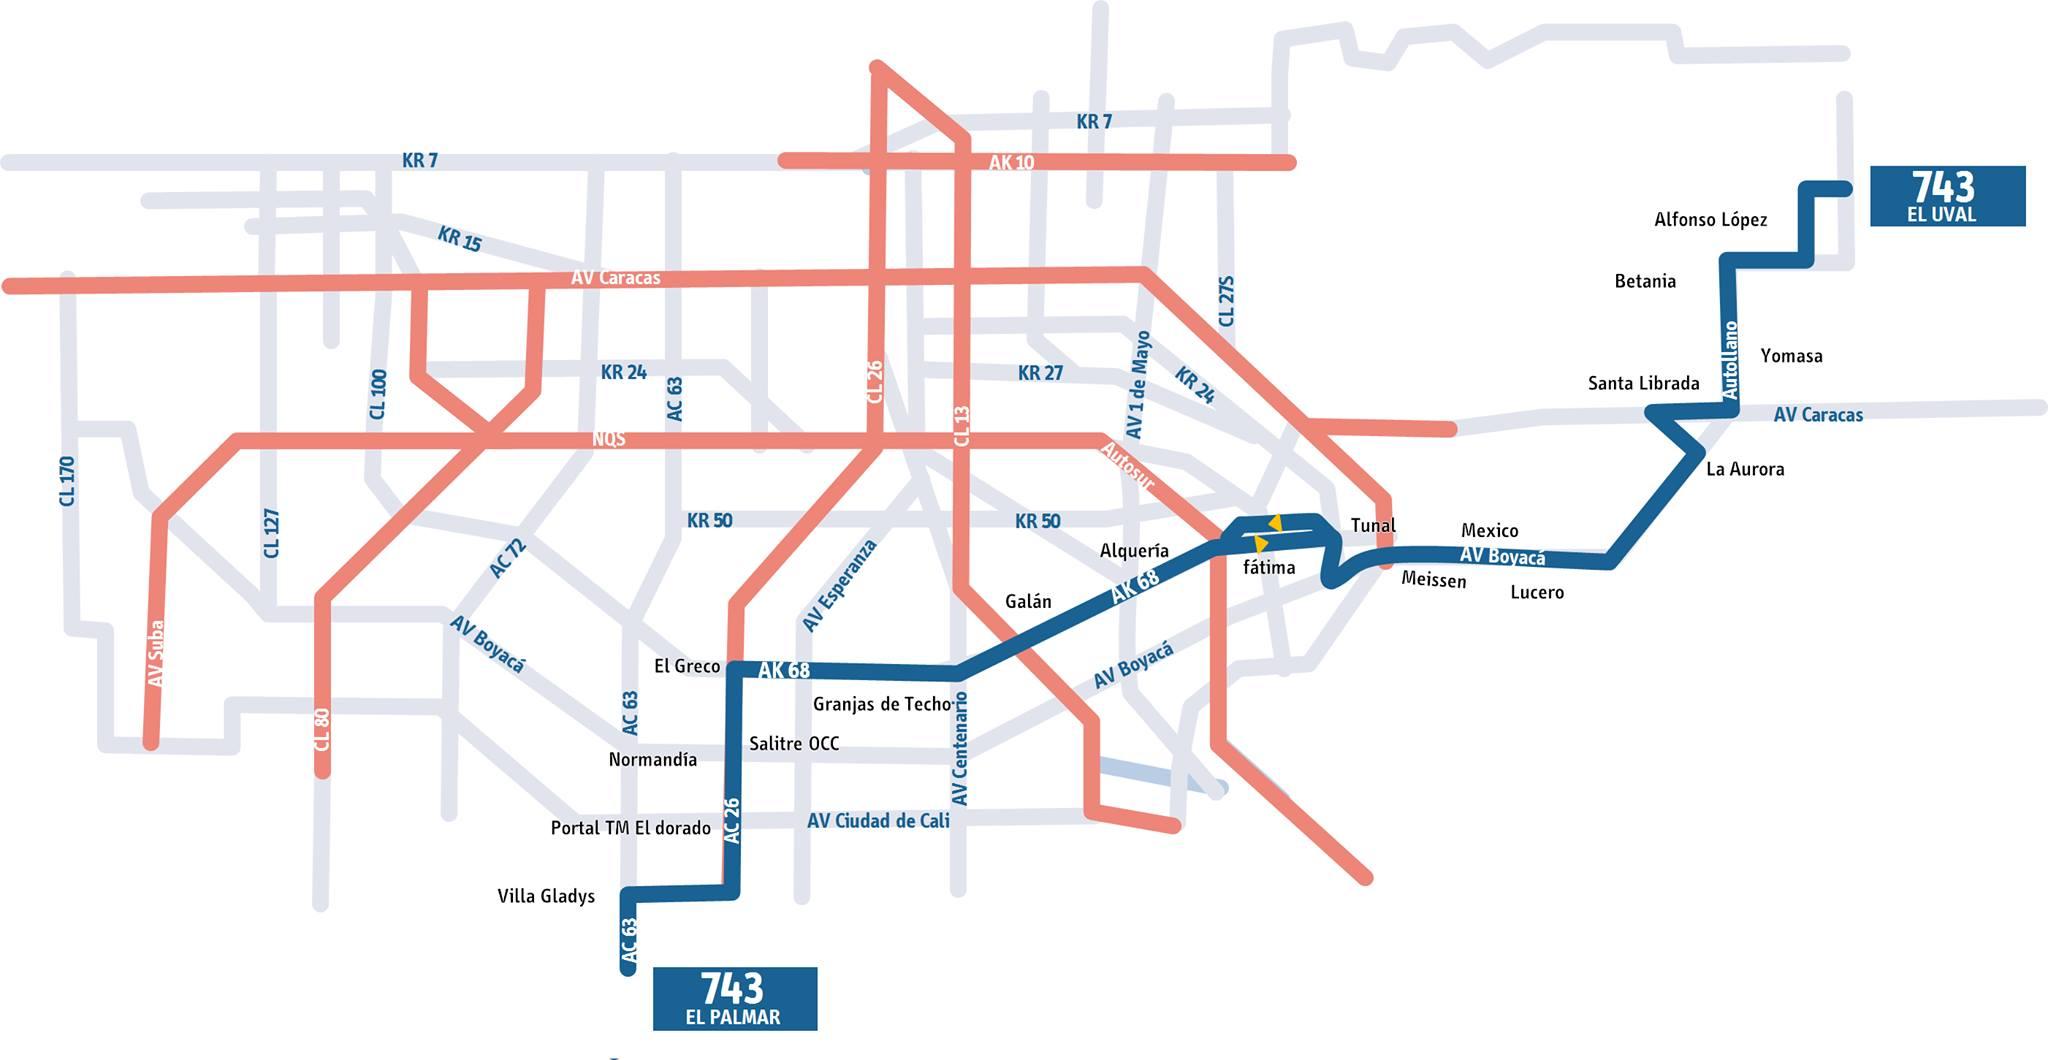 743_Oskar_Torres_bus_urbano_mapa_SITP